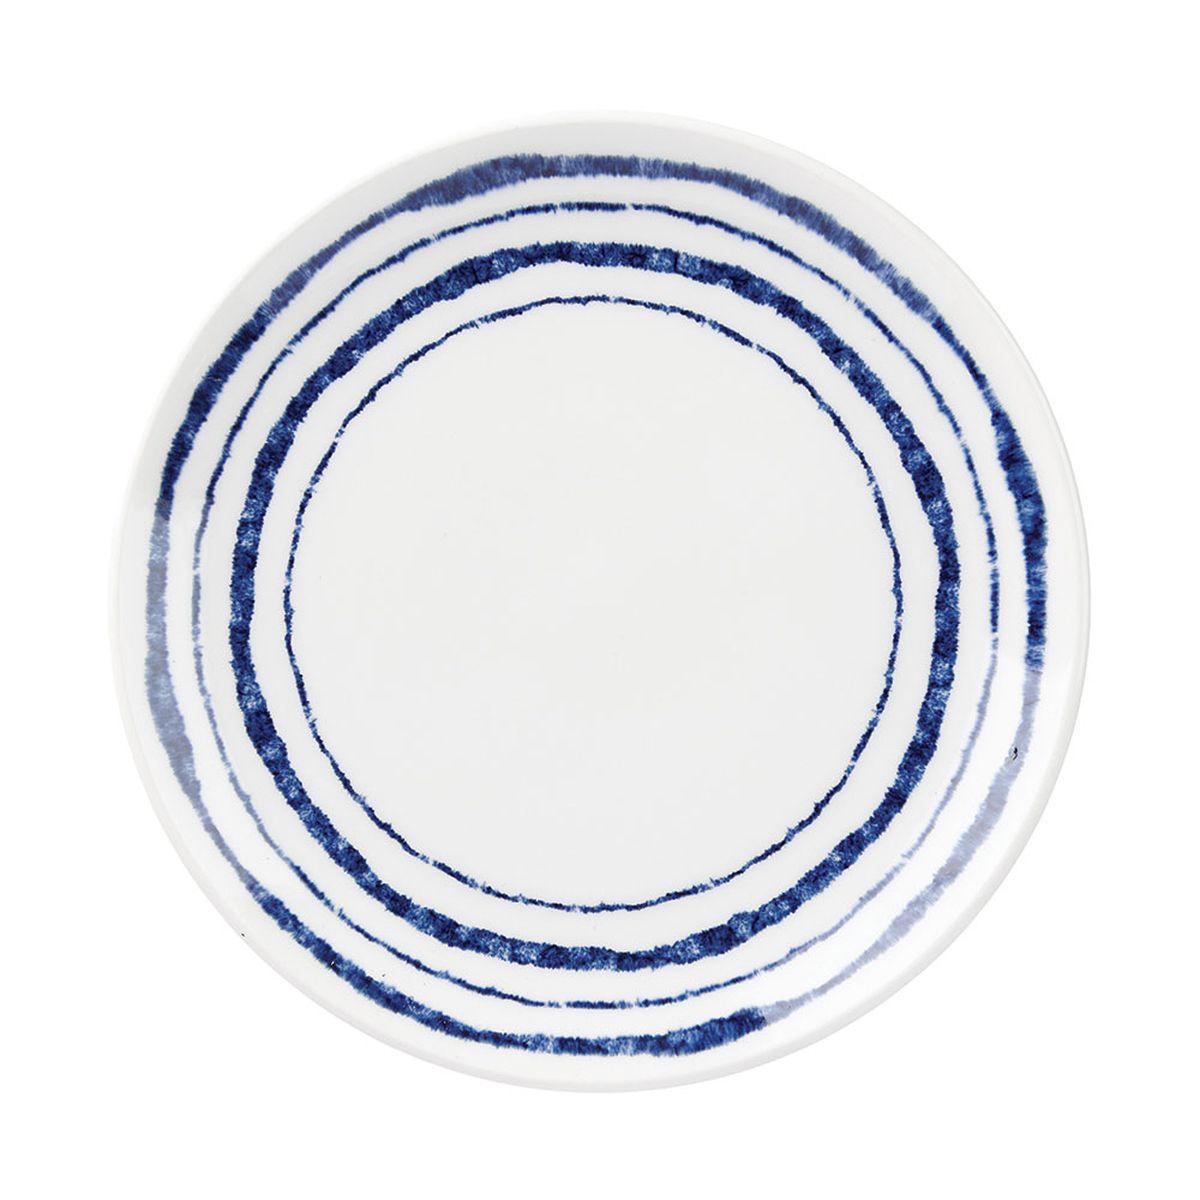 Тарелка десертная Churchill Инки, диаметр 20,5 смINKI00101Десертная тарелка Churchill Инки, изготовленная из высококачественного фаянса, имеет классическую круглую форму. Она прекрасно впишется в интерьер вашей кухни и станет достойным дополнением к кухонному инвентарю. Десертная тарелка Churchill Инки подчеркнет прекрасный вкус хозяйки и станет отличным подарком.Диаметр тарелки (по верхнему краю): 20,5 см.